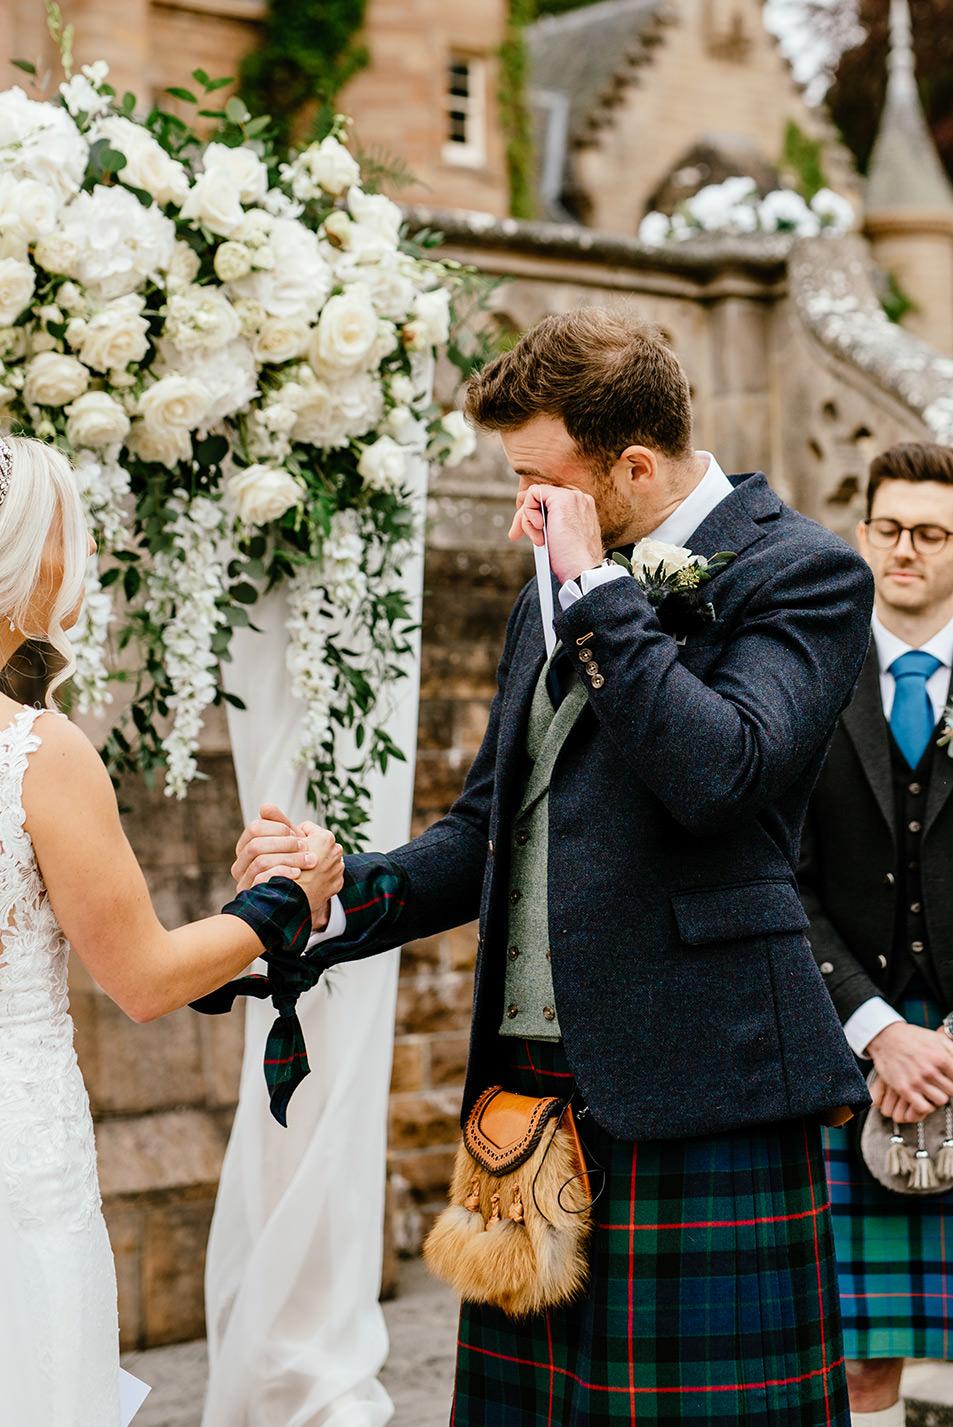 whimsical-Scottish-wedding-at-Ardross-Castle-046.jpg